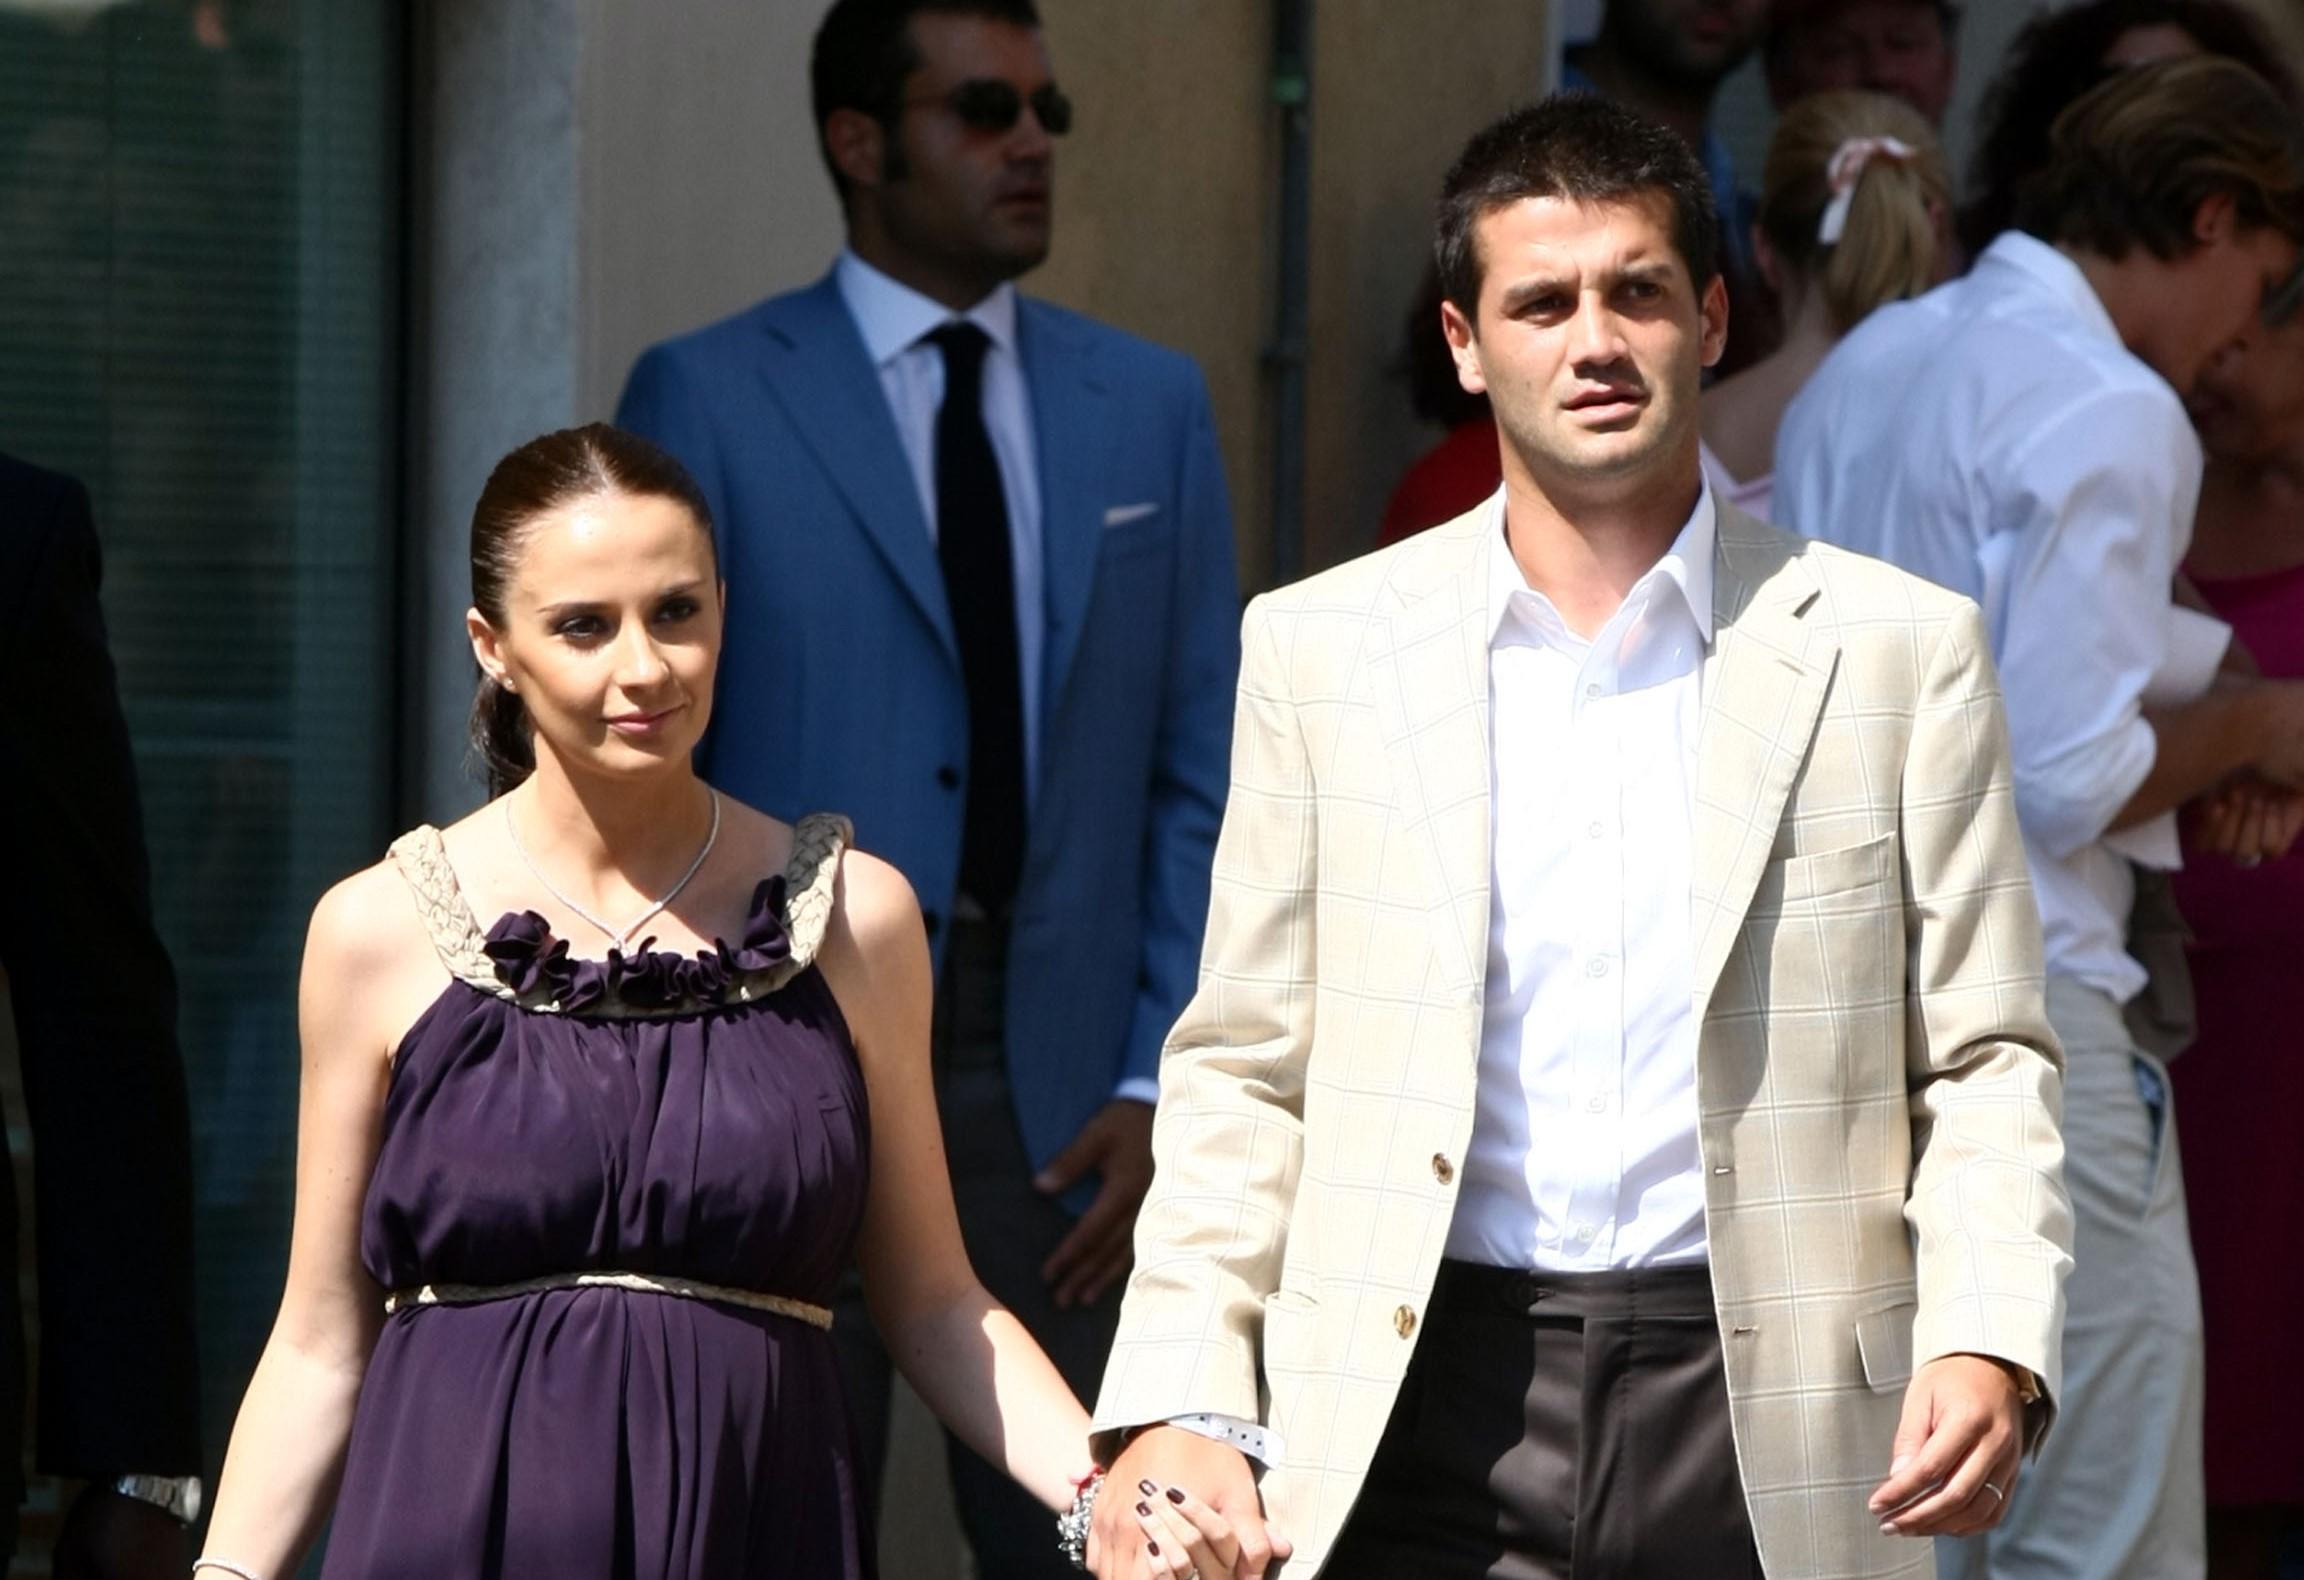 Adelina Chivu într-o rochie lungă și mov, iar Cristi chivu în costum alb